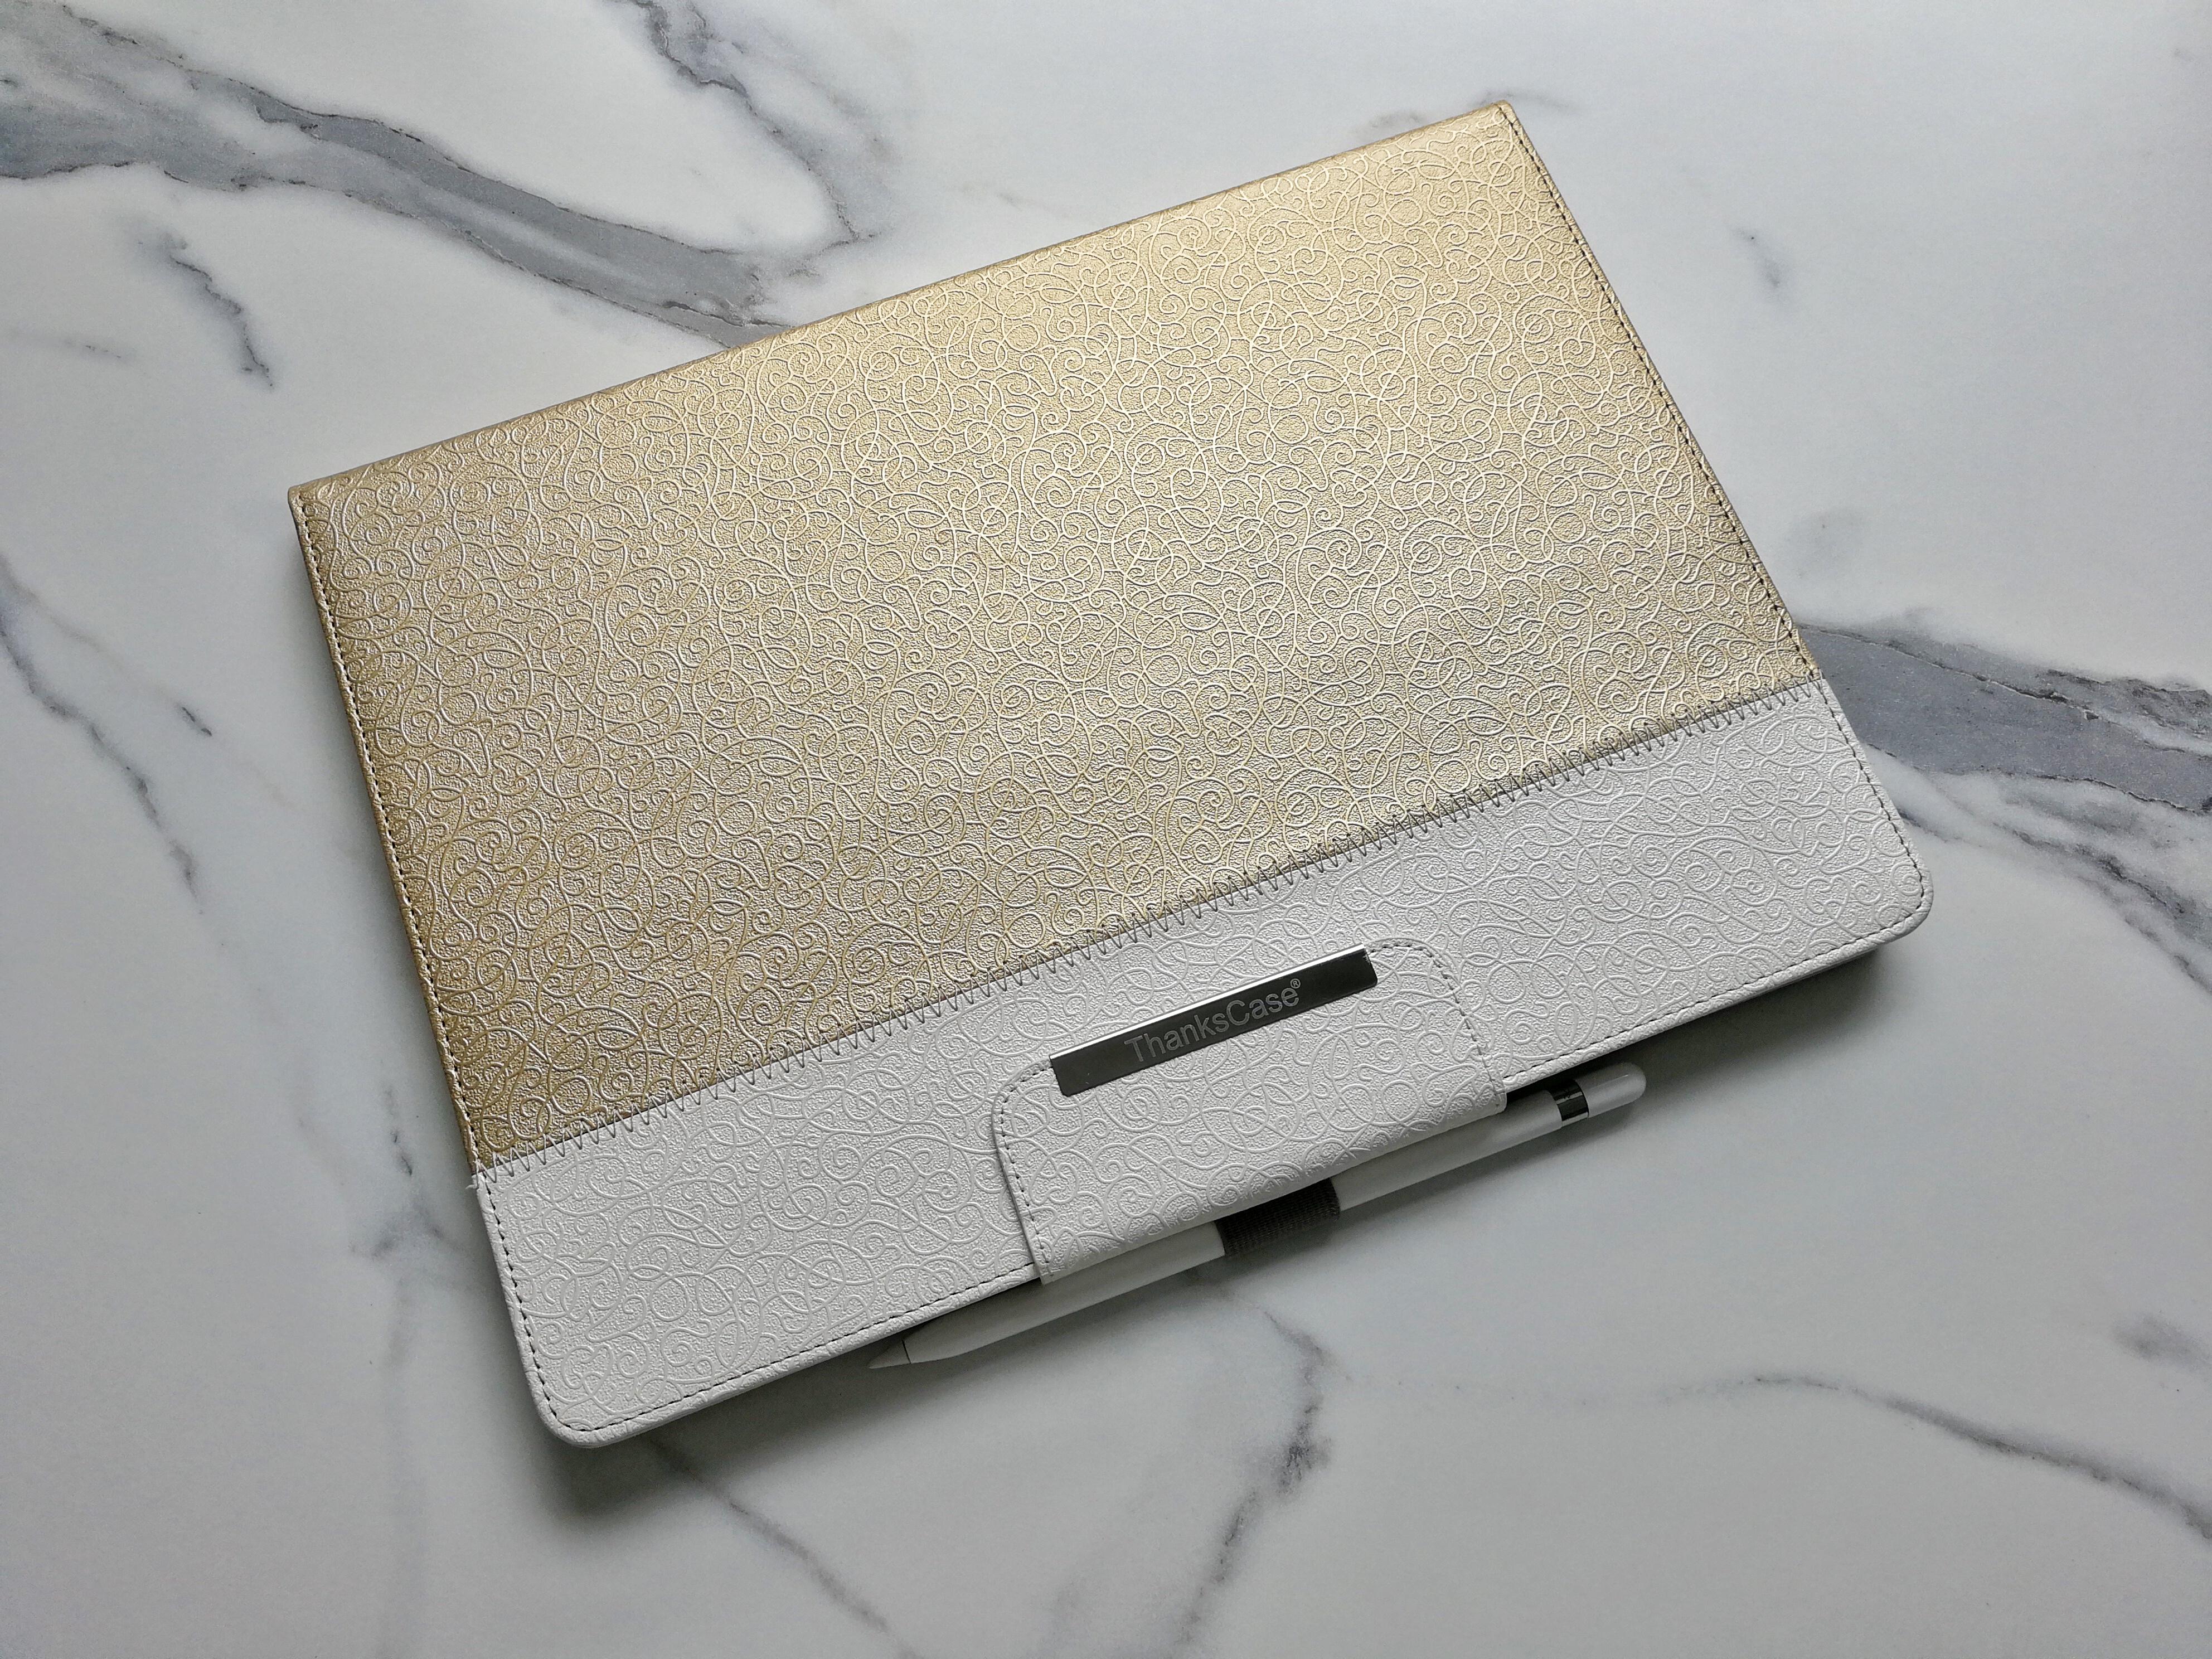 Funda thankscase para ipad pro 12 9 review la bruja con tac n de aguja - Ipad 1 funda ...